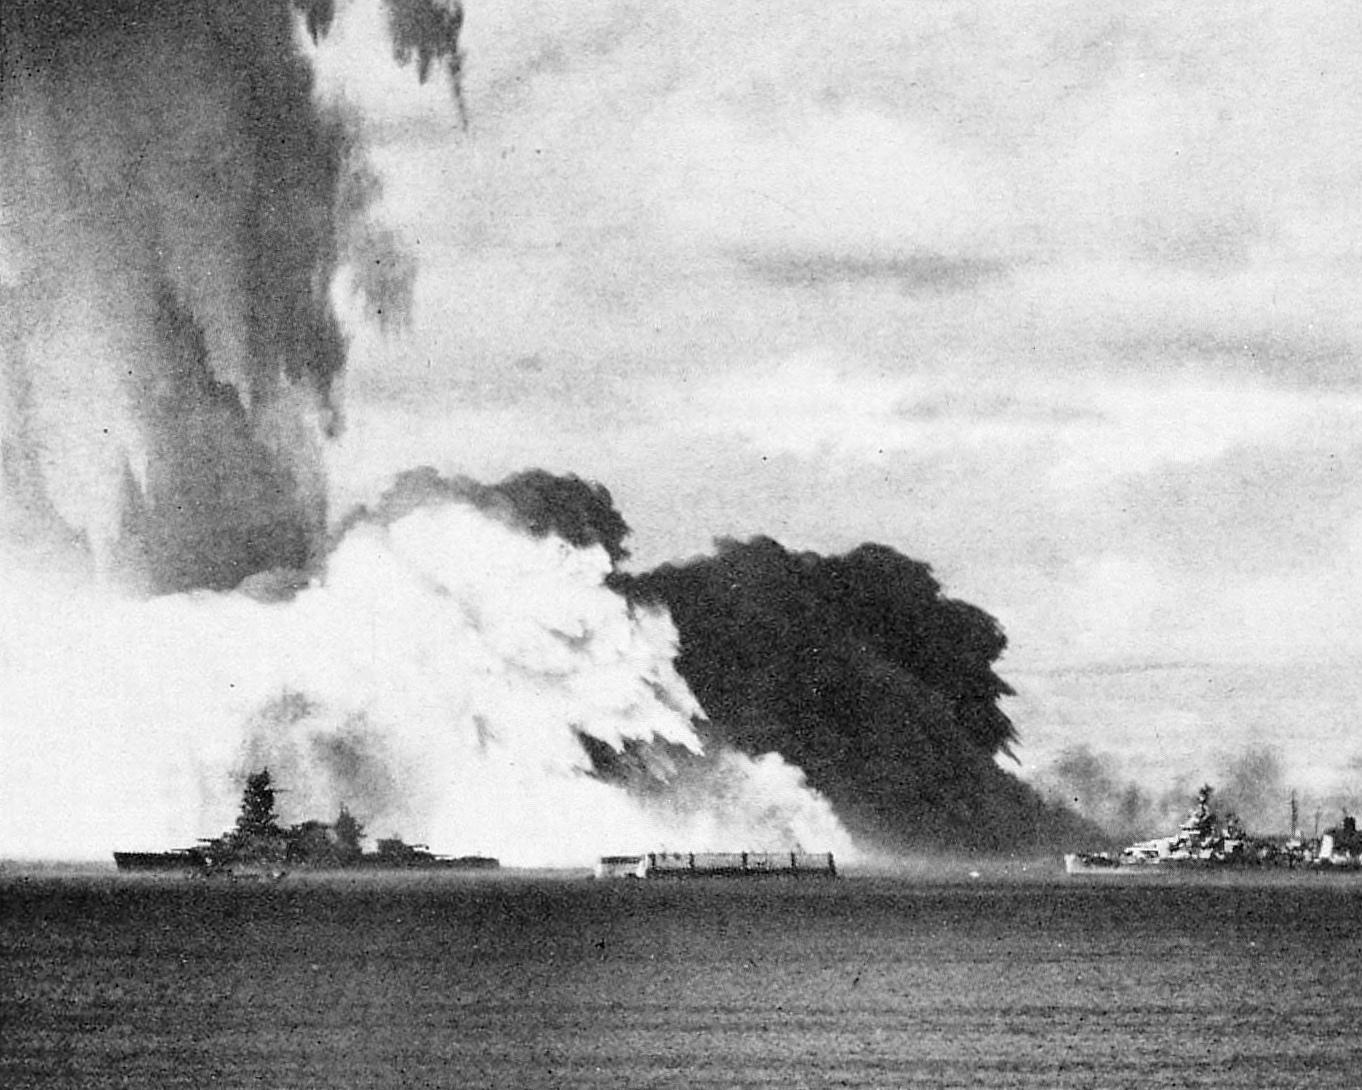 Bikini atoll navy ships consider